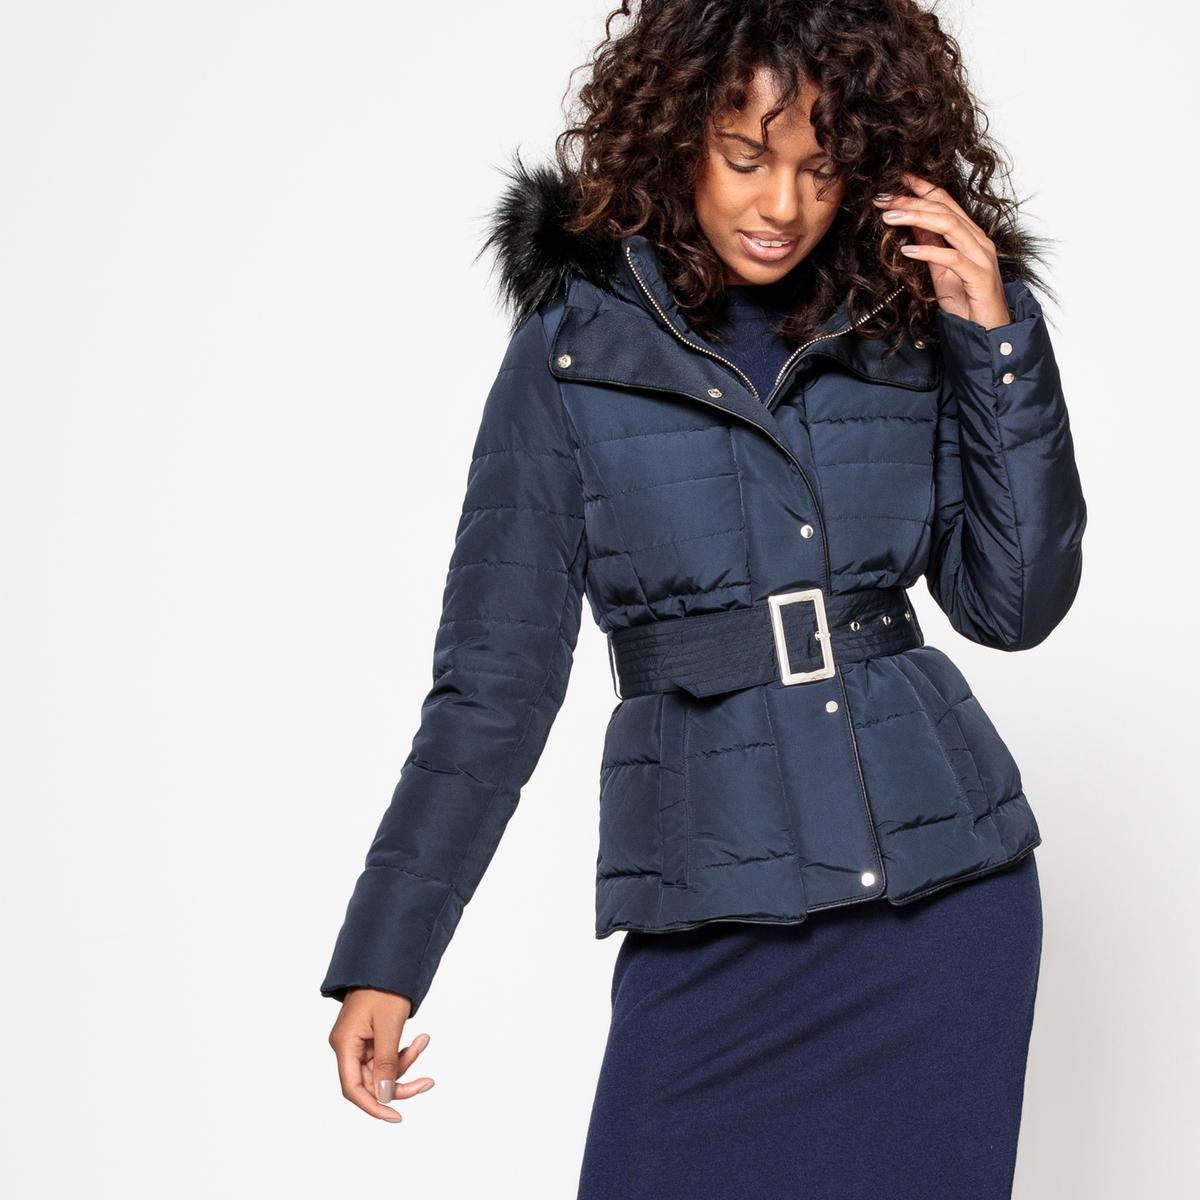 Куртка стеганая, укороченная зимняя модель из синтетического материала